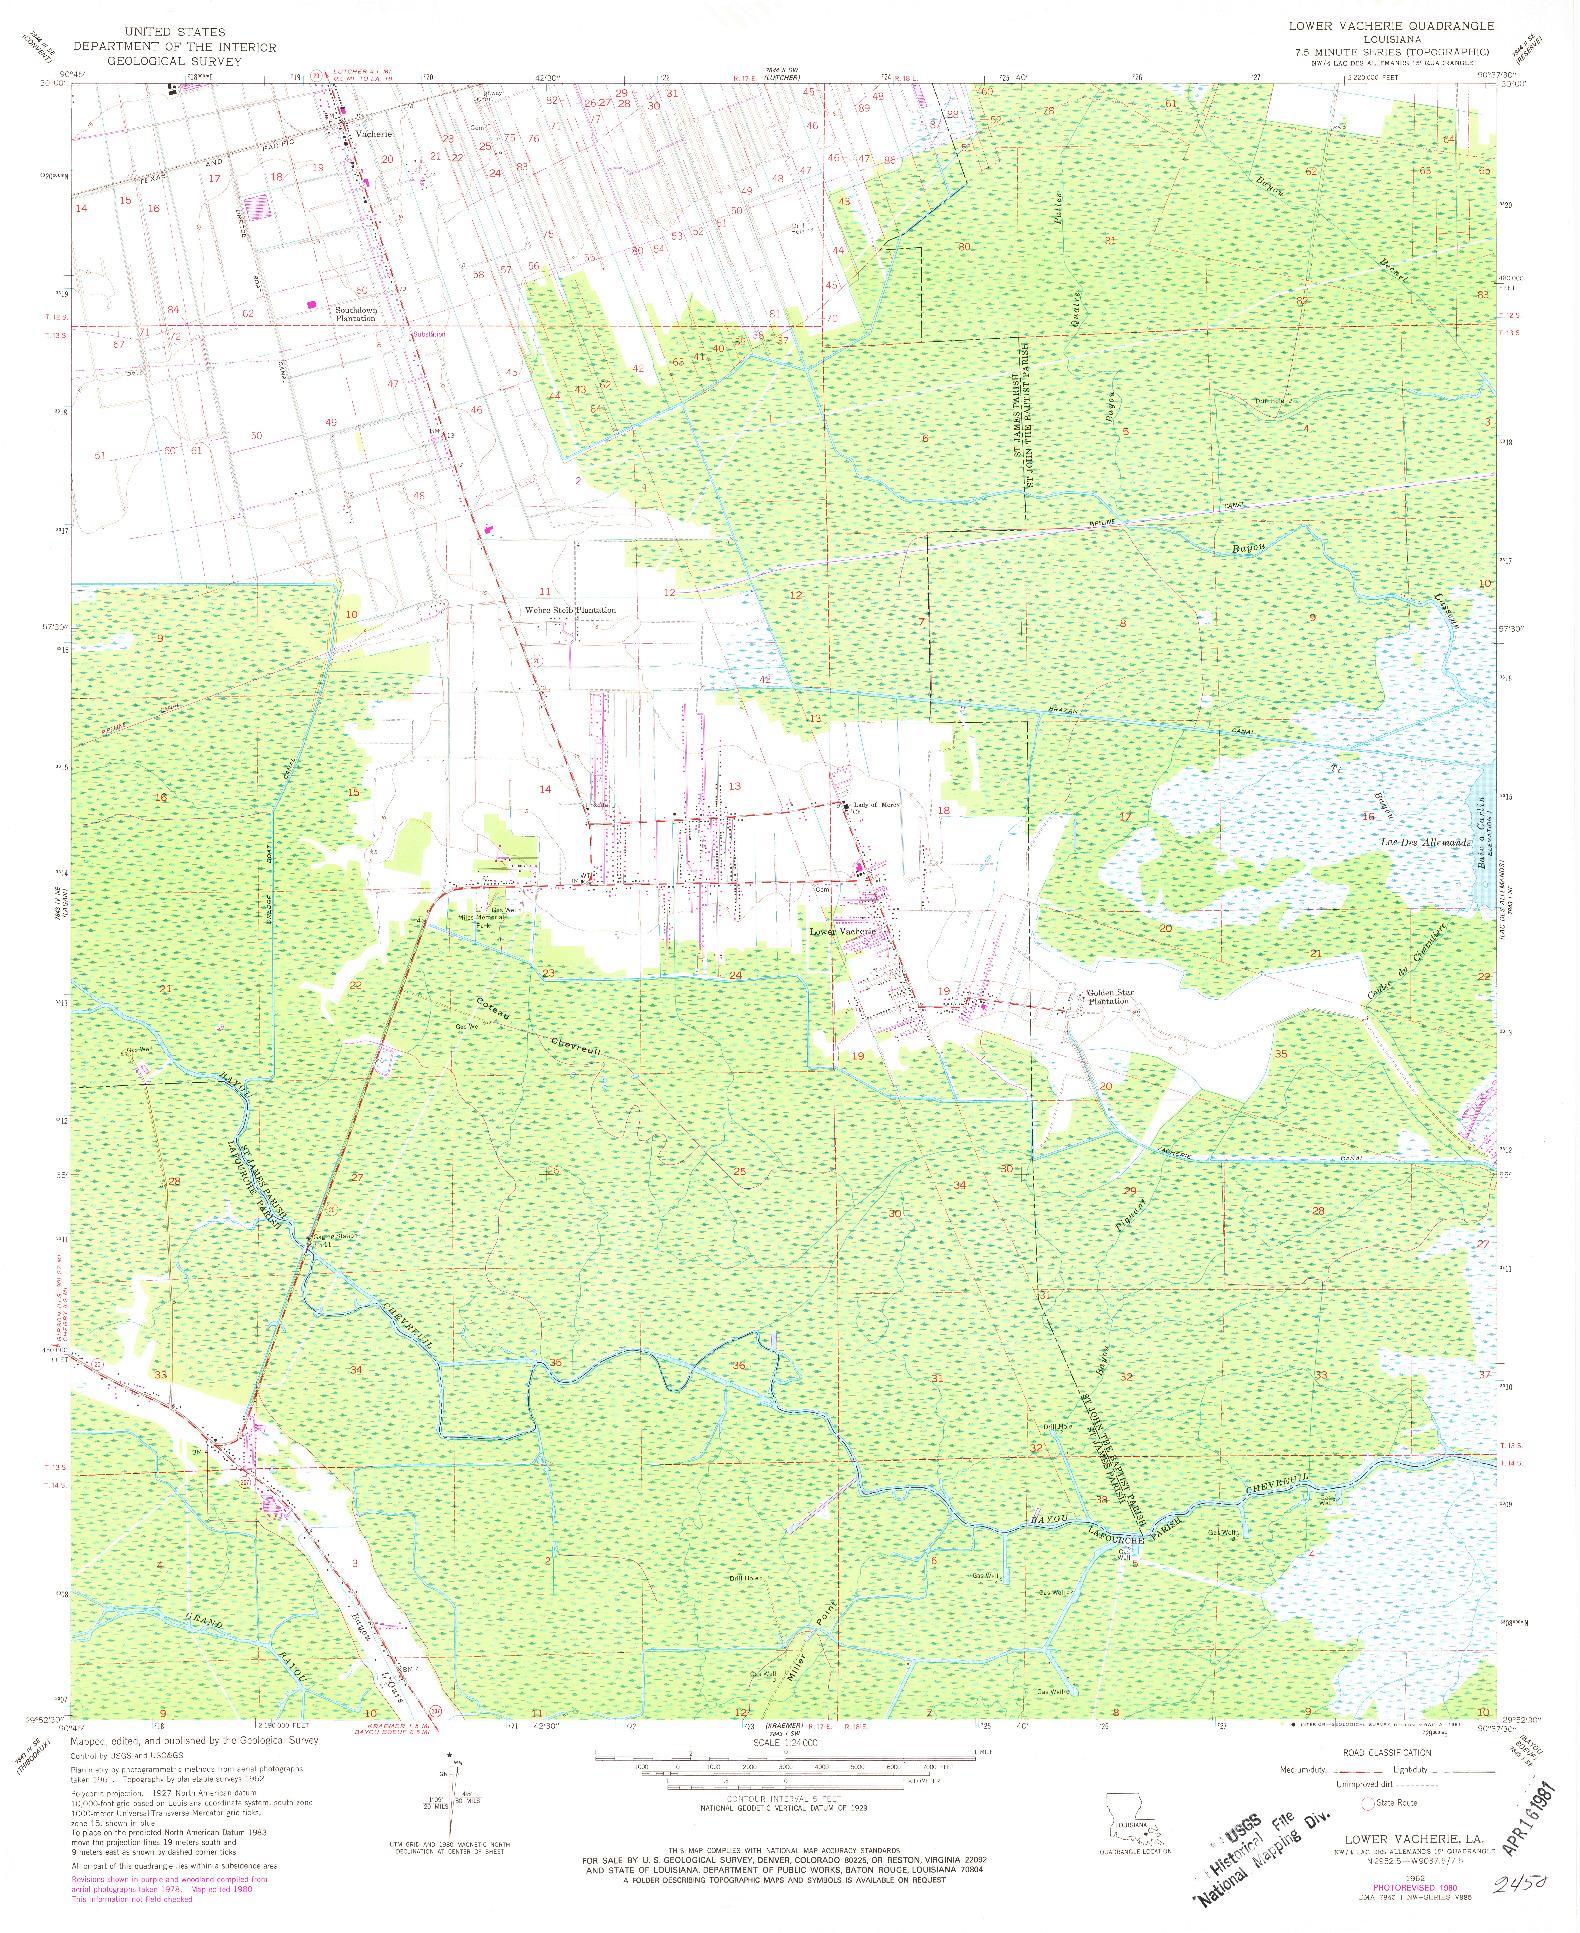 USGS 1:24000-SCALE QUADRANGLE FOR LOWER VACHERIE, LA 1962